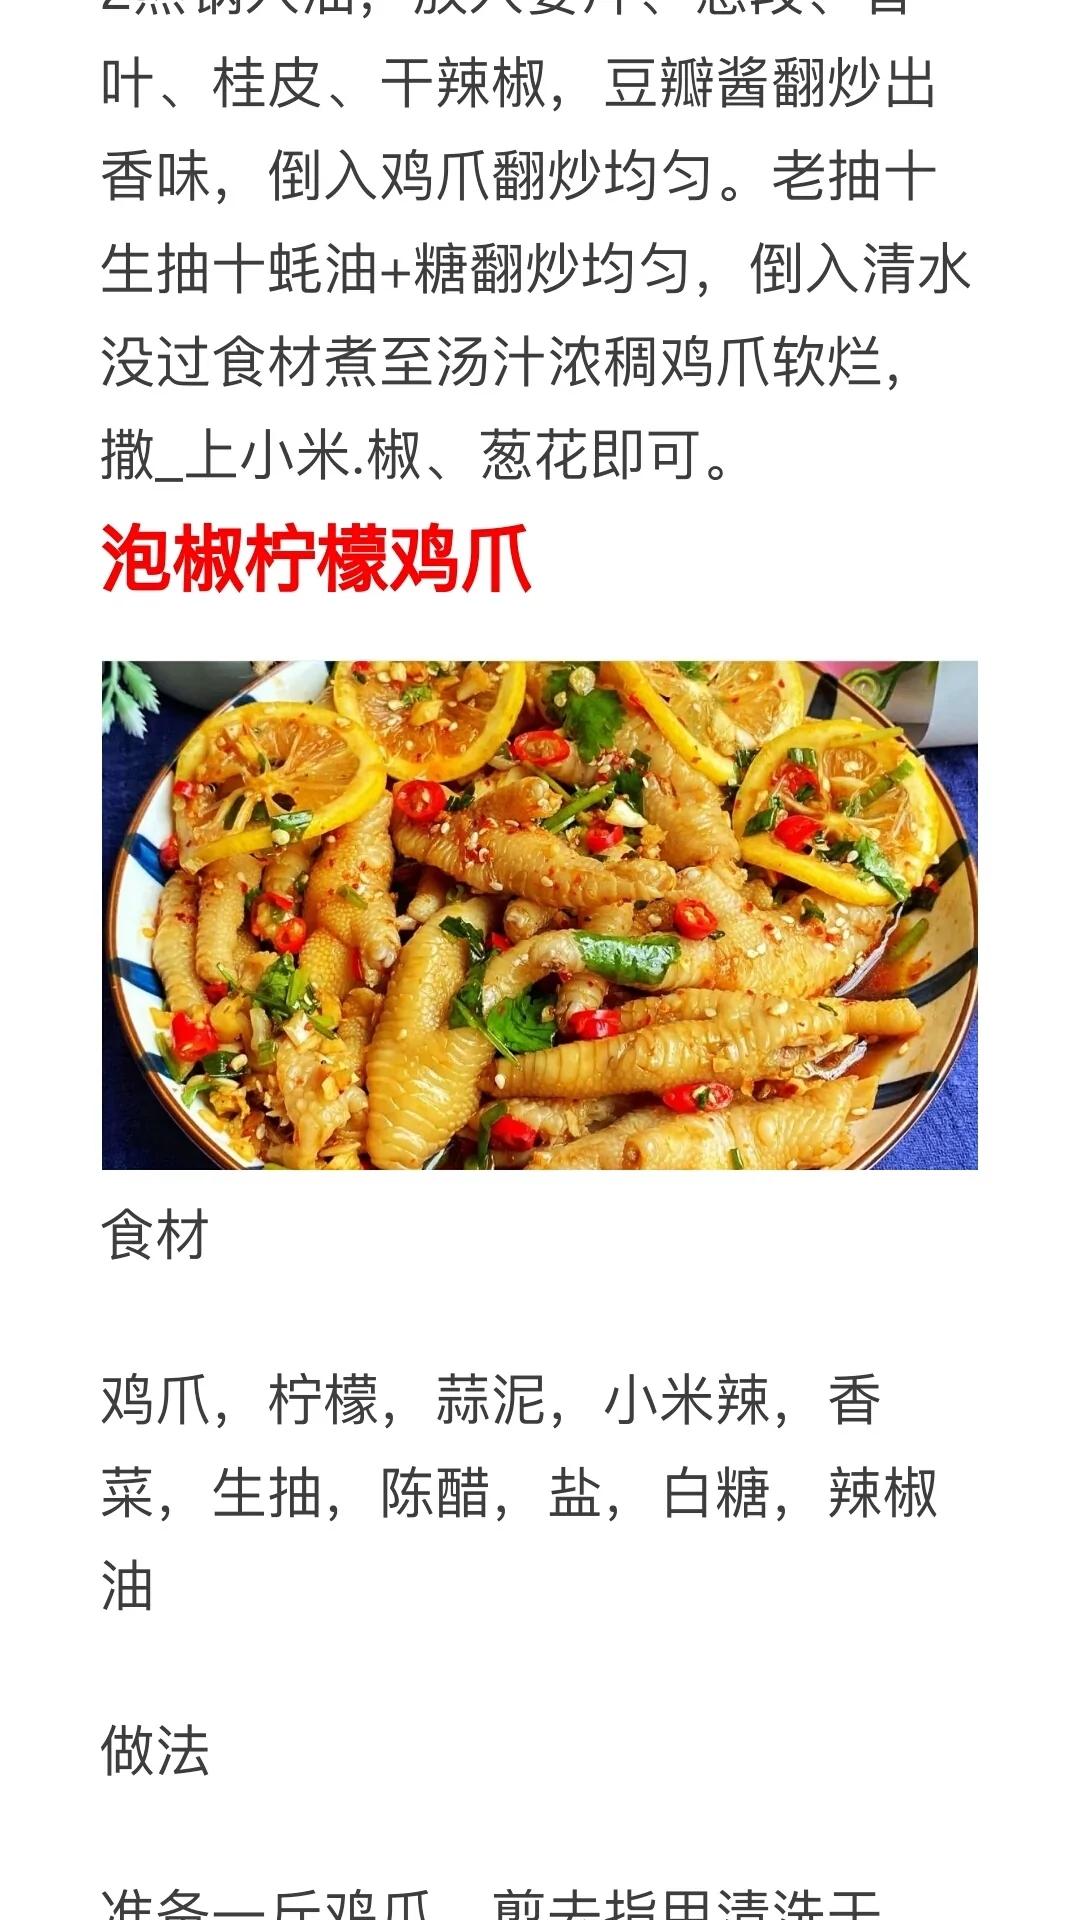 家常鸡爪的做法及配料 美食做法 第3张